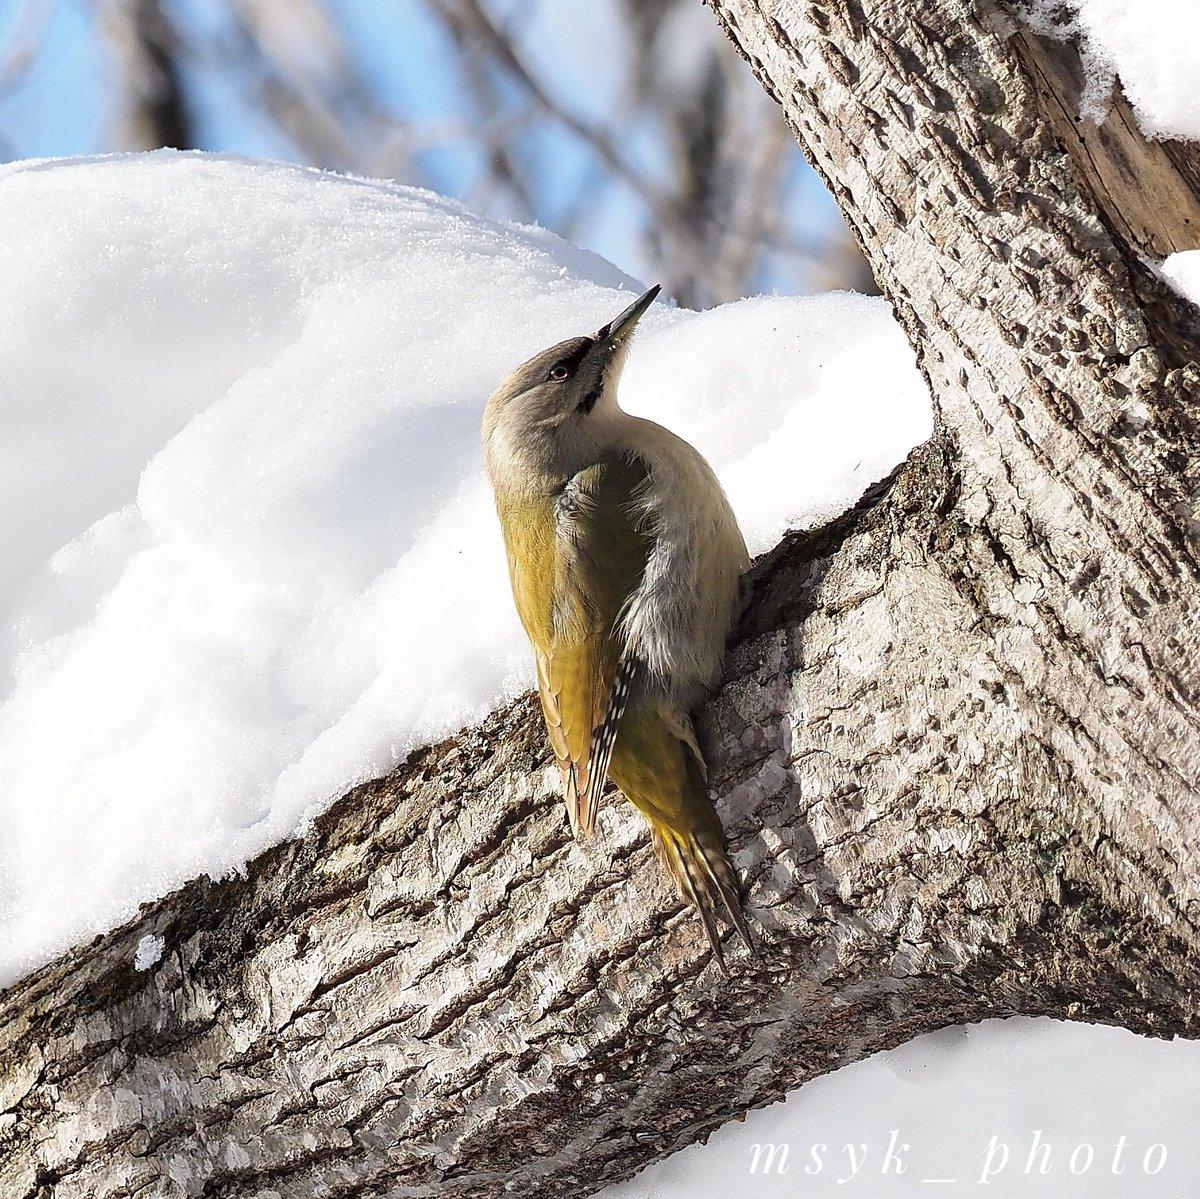 #北海道 #ヤマゲラ #greyheadedwoodpecker pic.twitter.com/aLSvUY0oNR